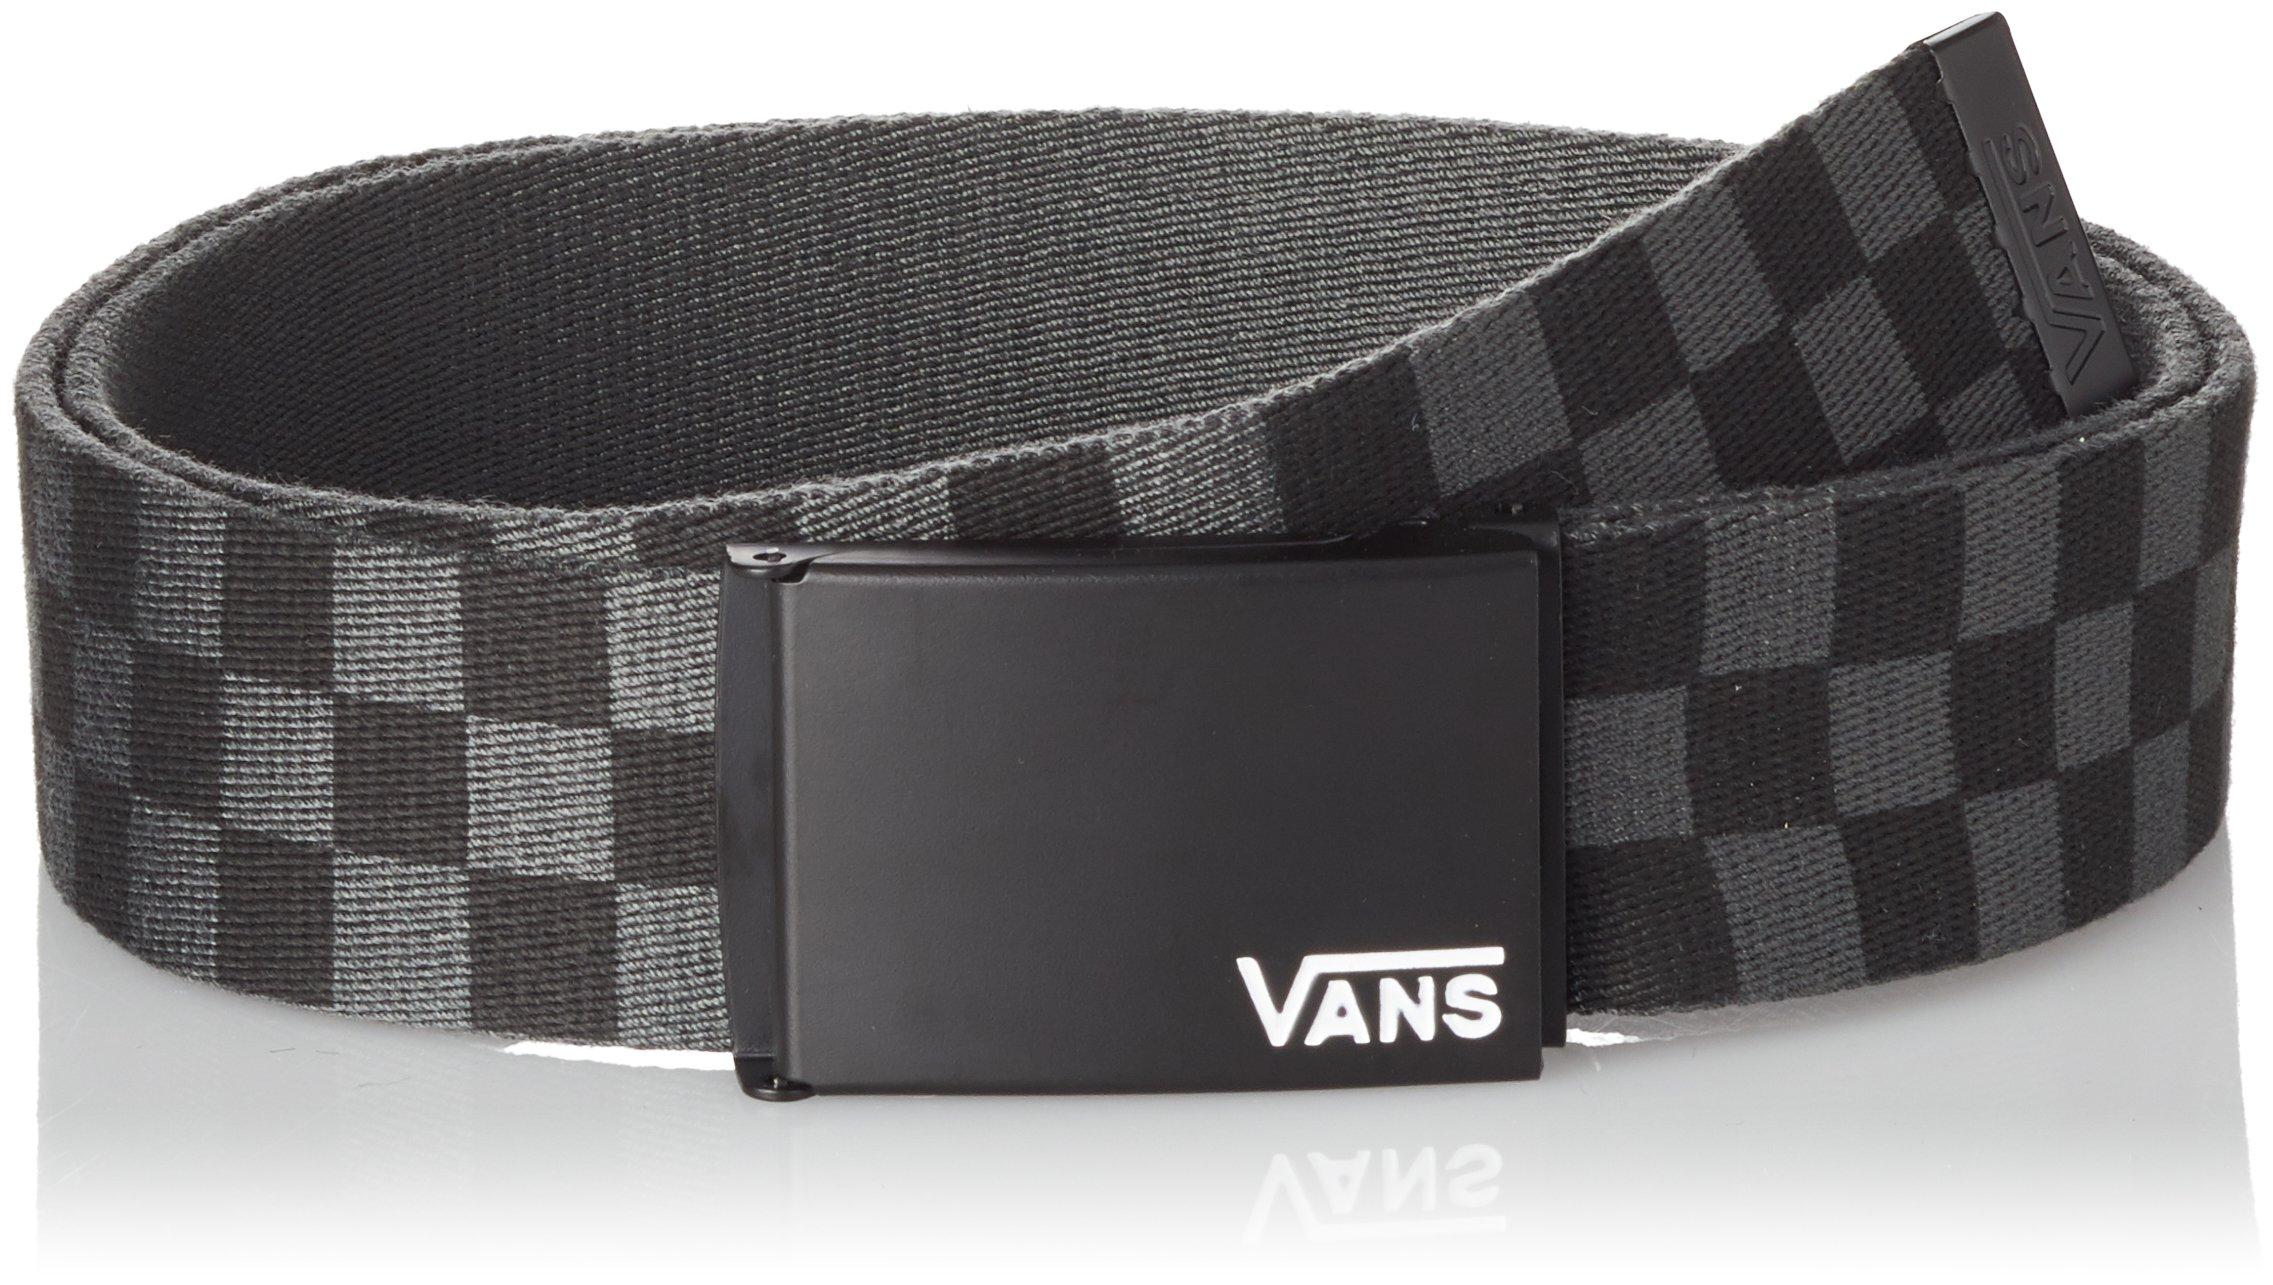 VANS Deppster II Web Belt One Size Black Charcoal